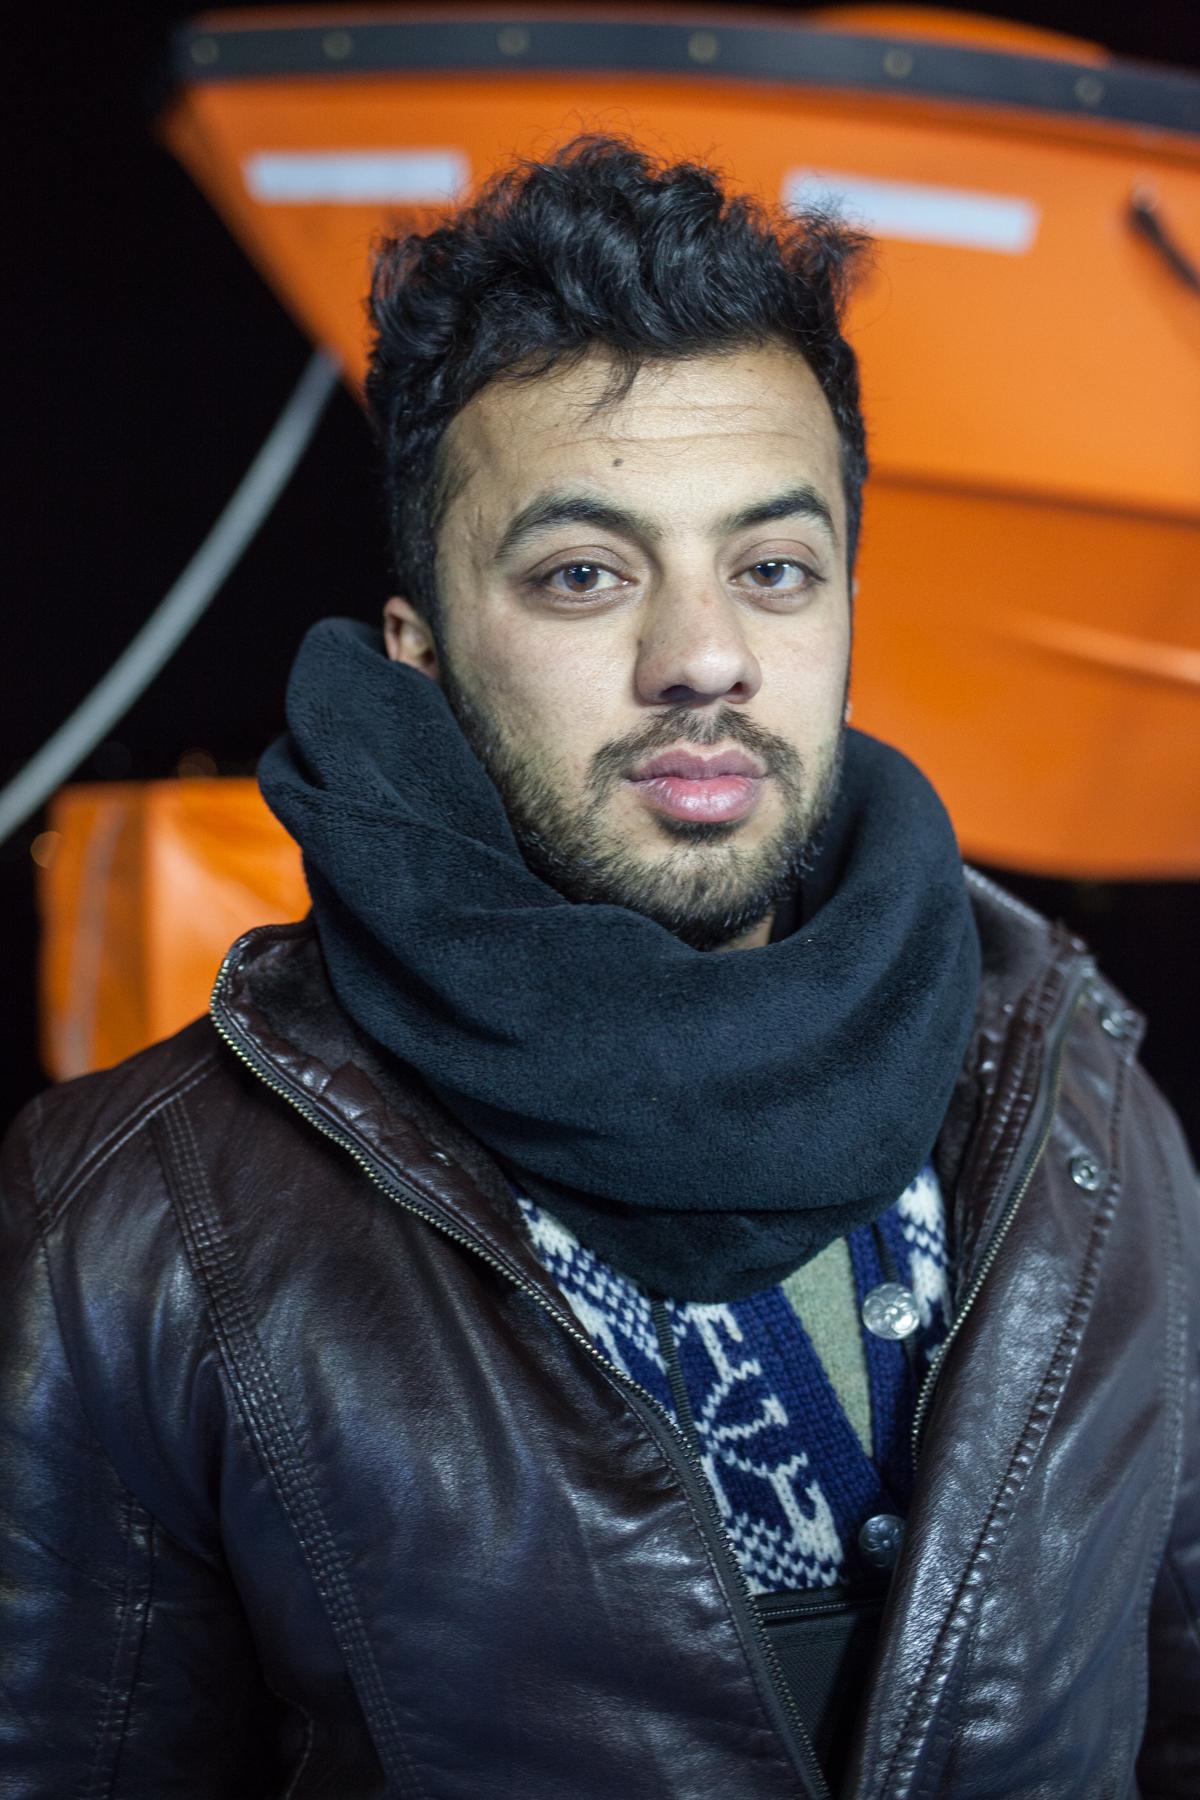 """Naveed Walizada (23) ist aus Afghanistan geflohen. Er hat 5 Tage auf Lesbos geholfen: """"Seit einem Monat bin ich auf der Flucht, hier konnte ich zum ersten Mal aufatmen und was zurückgeben. Ich habe schreckliches erlebt. Kinder, die erfroren sind..."""""""